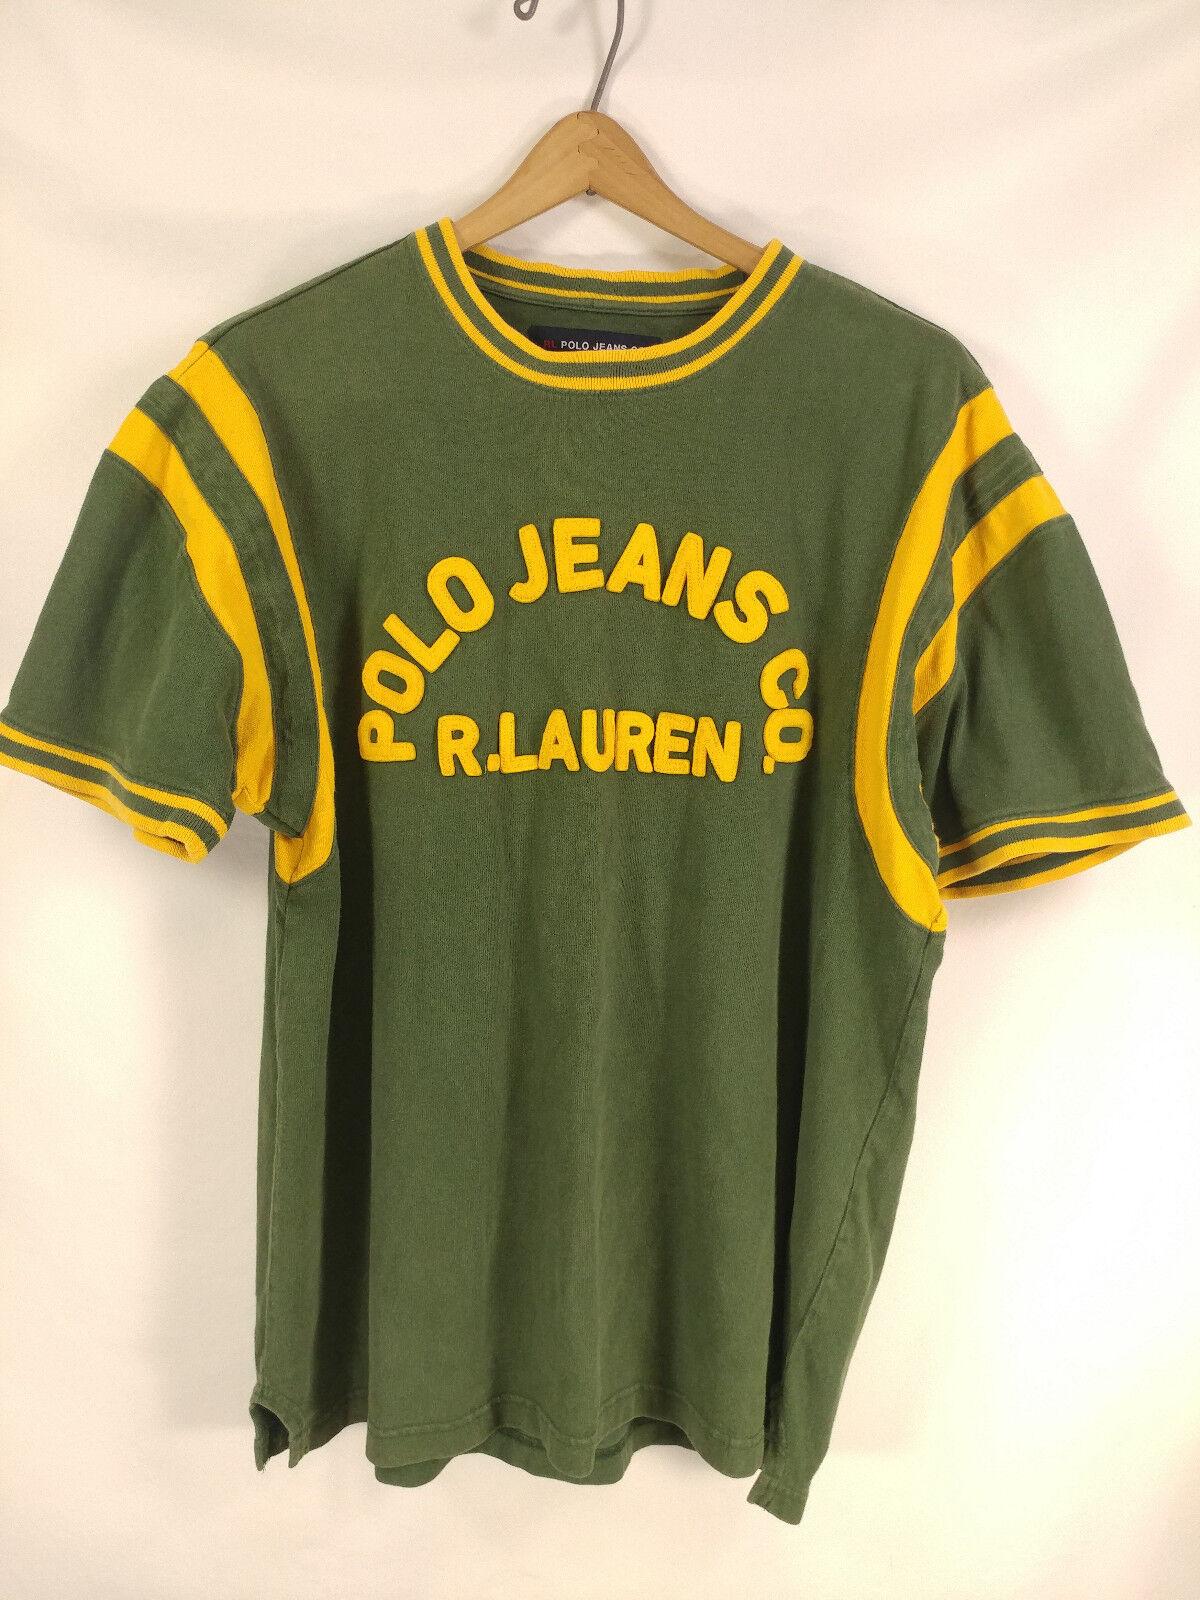 Herren Ralph Lauren Polo Jeans 3d Spellout Grün Gelb Ringer Shirt Large